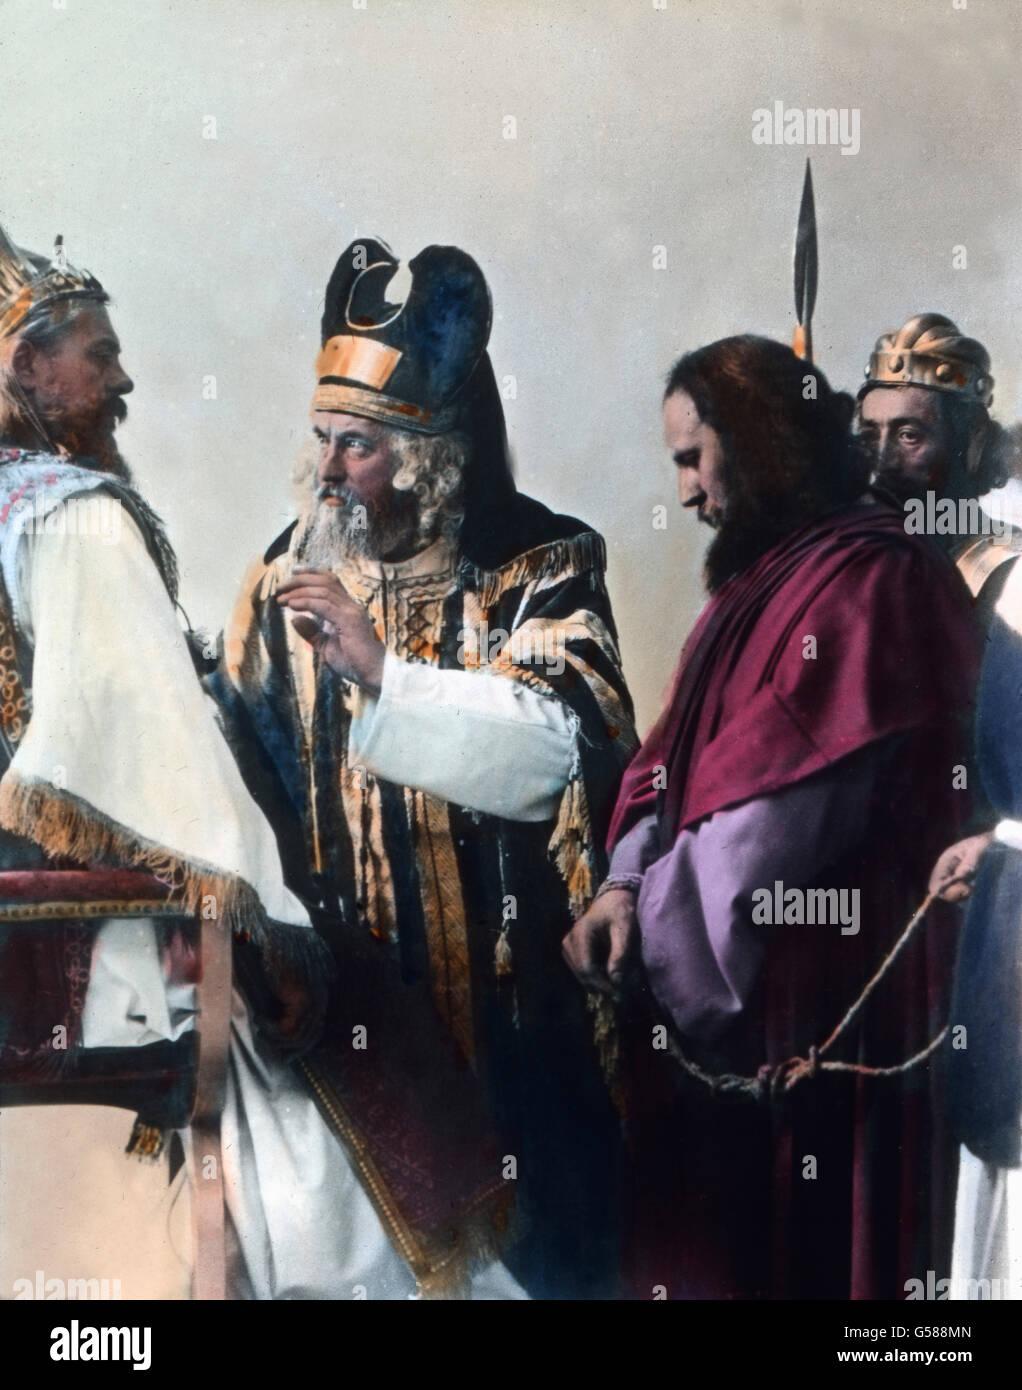 Bei Kaiphas sind alle Hohepriester Öltesten und Schriftgelehrten versammelt, um Christus zu erwarten. Viele - Stock Image